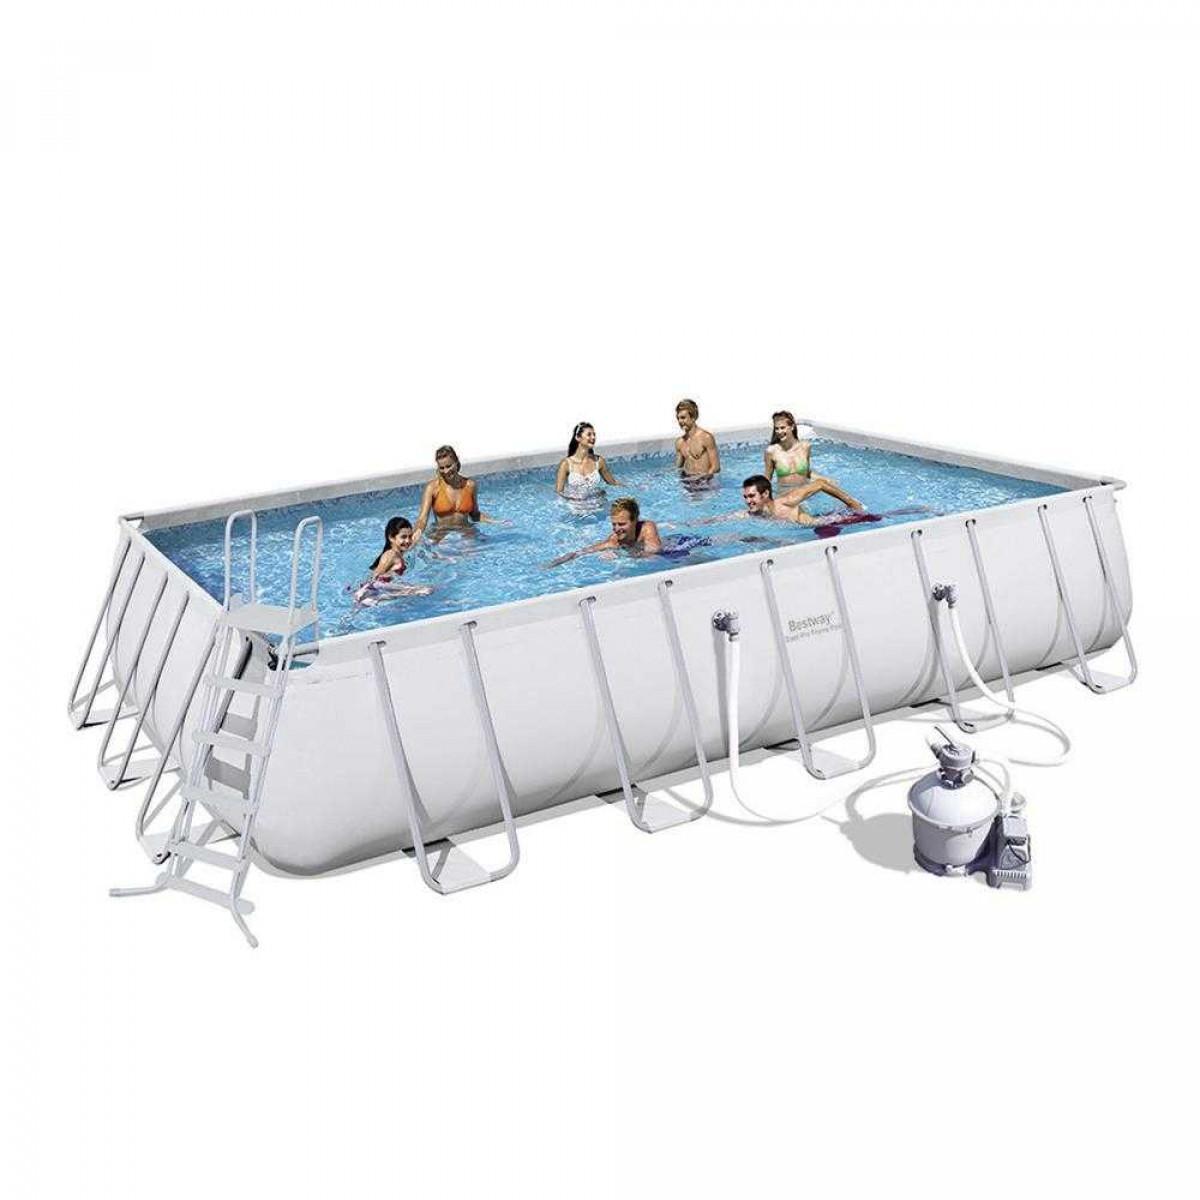 11 Unique Above Ground Pool Ideas square pool